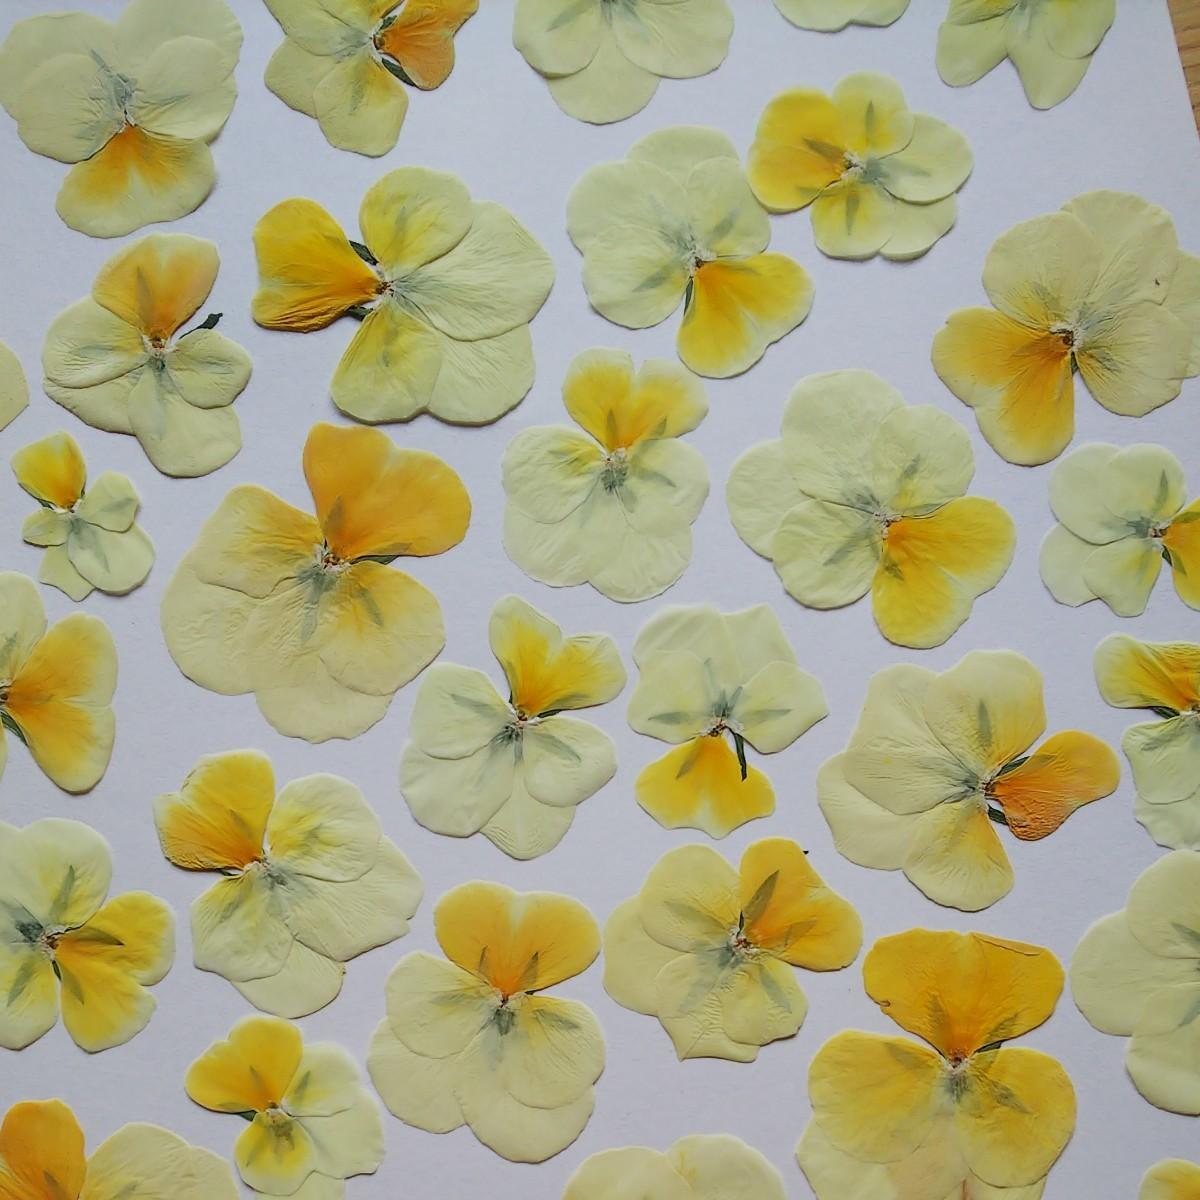 押し花 パンジー 小花 ハンドメイド 工作 花材 植物